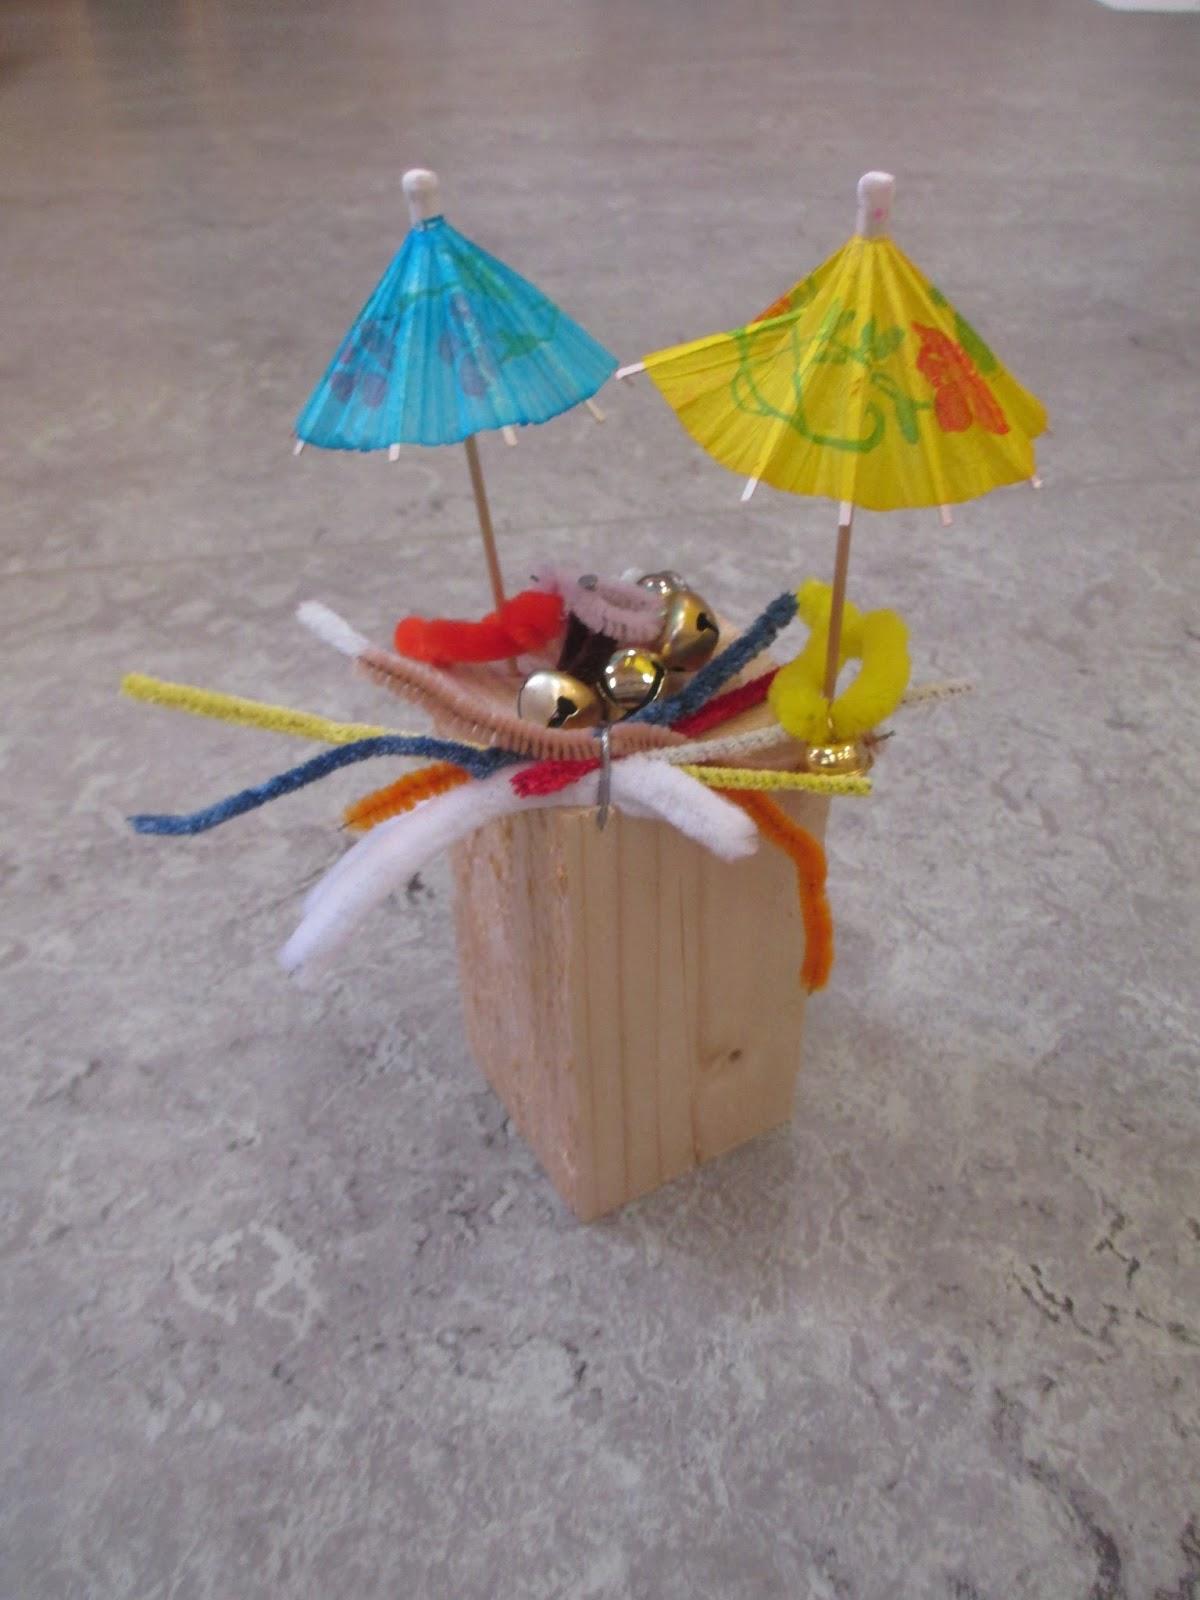 Märlimuus Kreative Kinder Am Werkbank